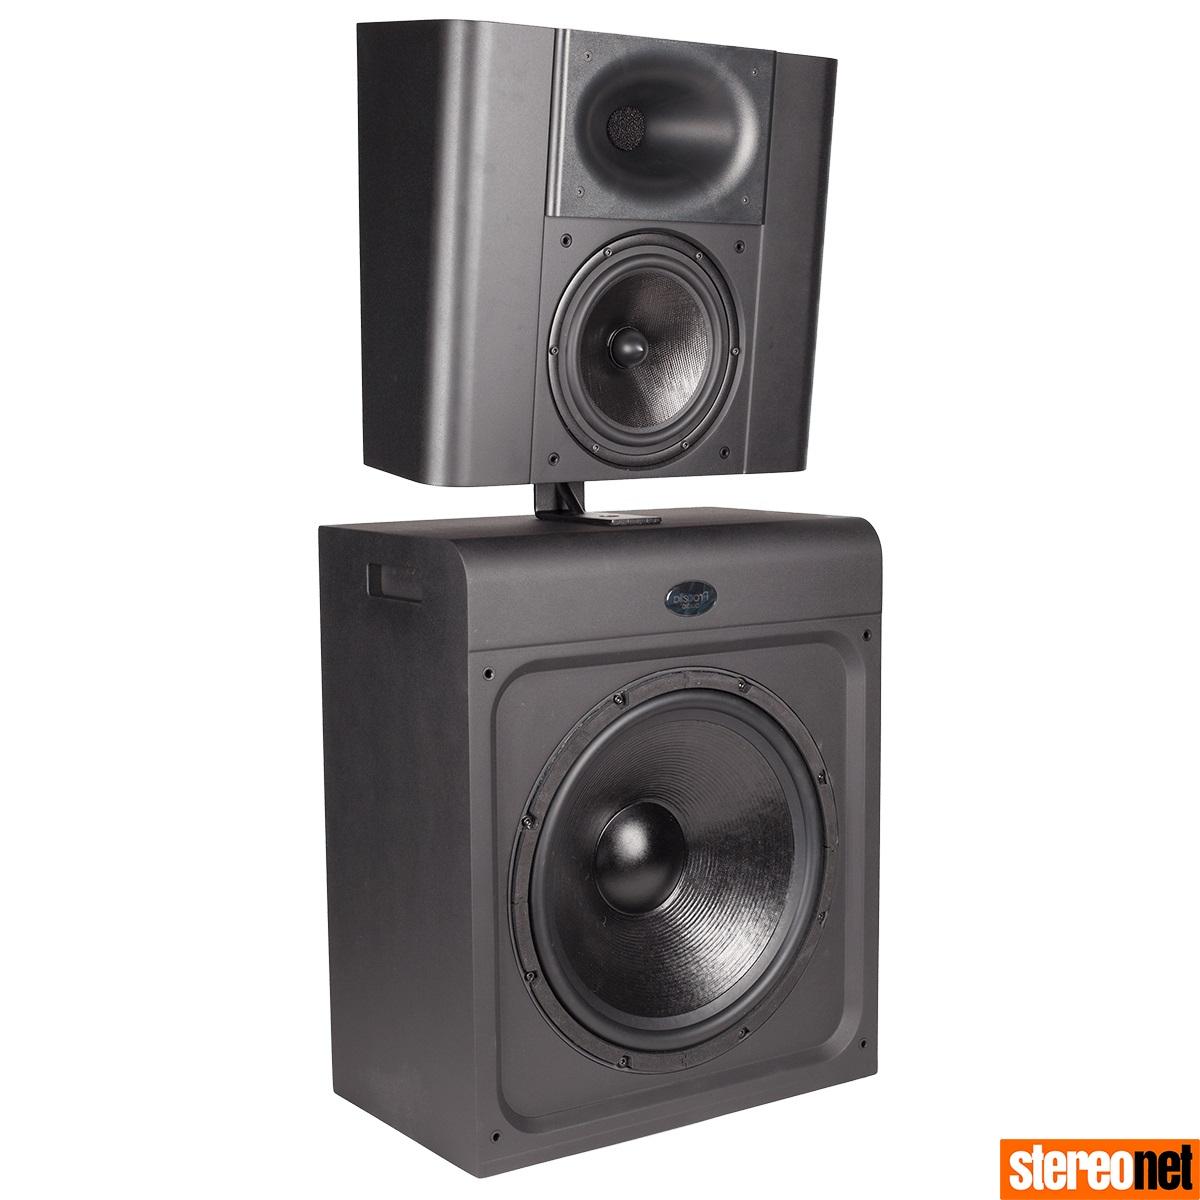 Procell P815 fullrange home cinema speaker - ISE 2020